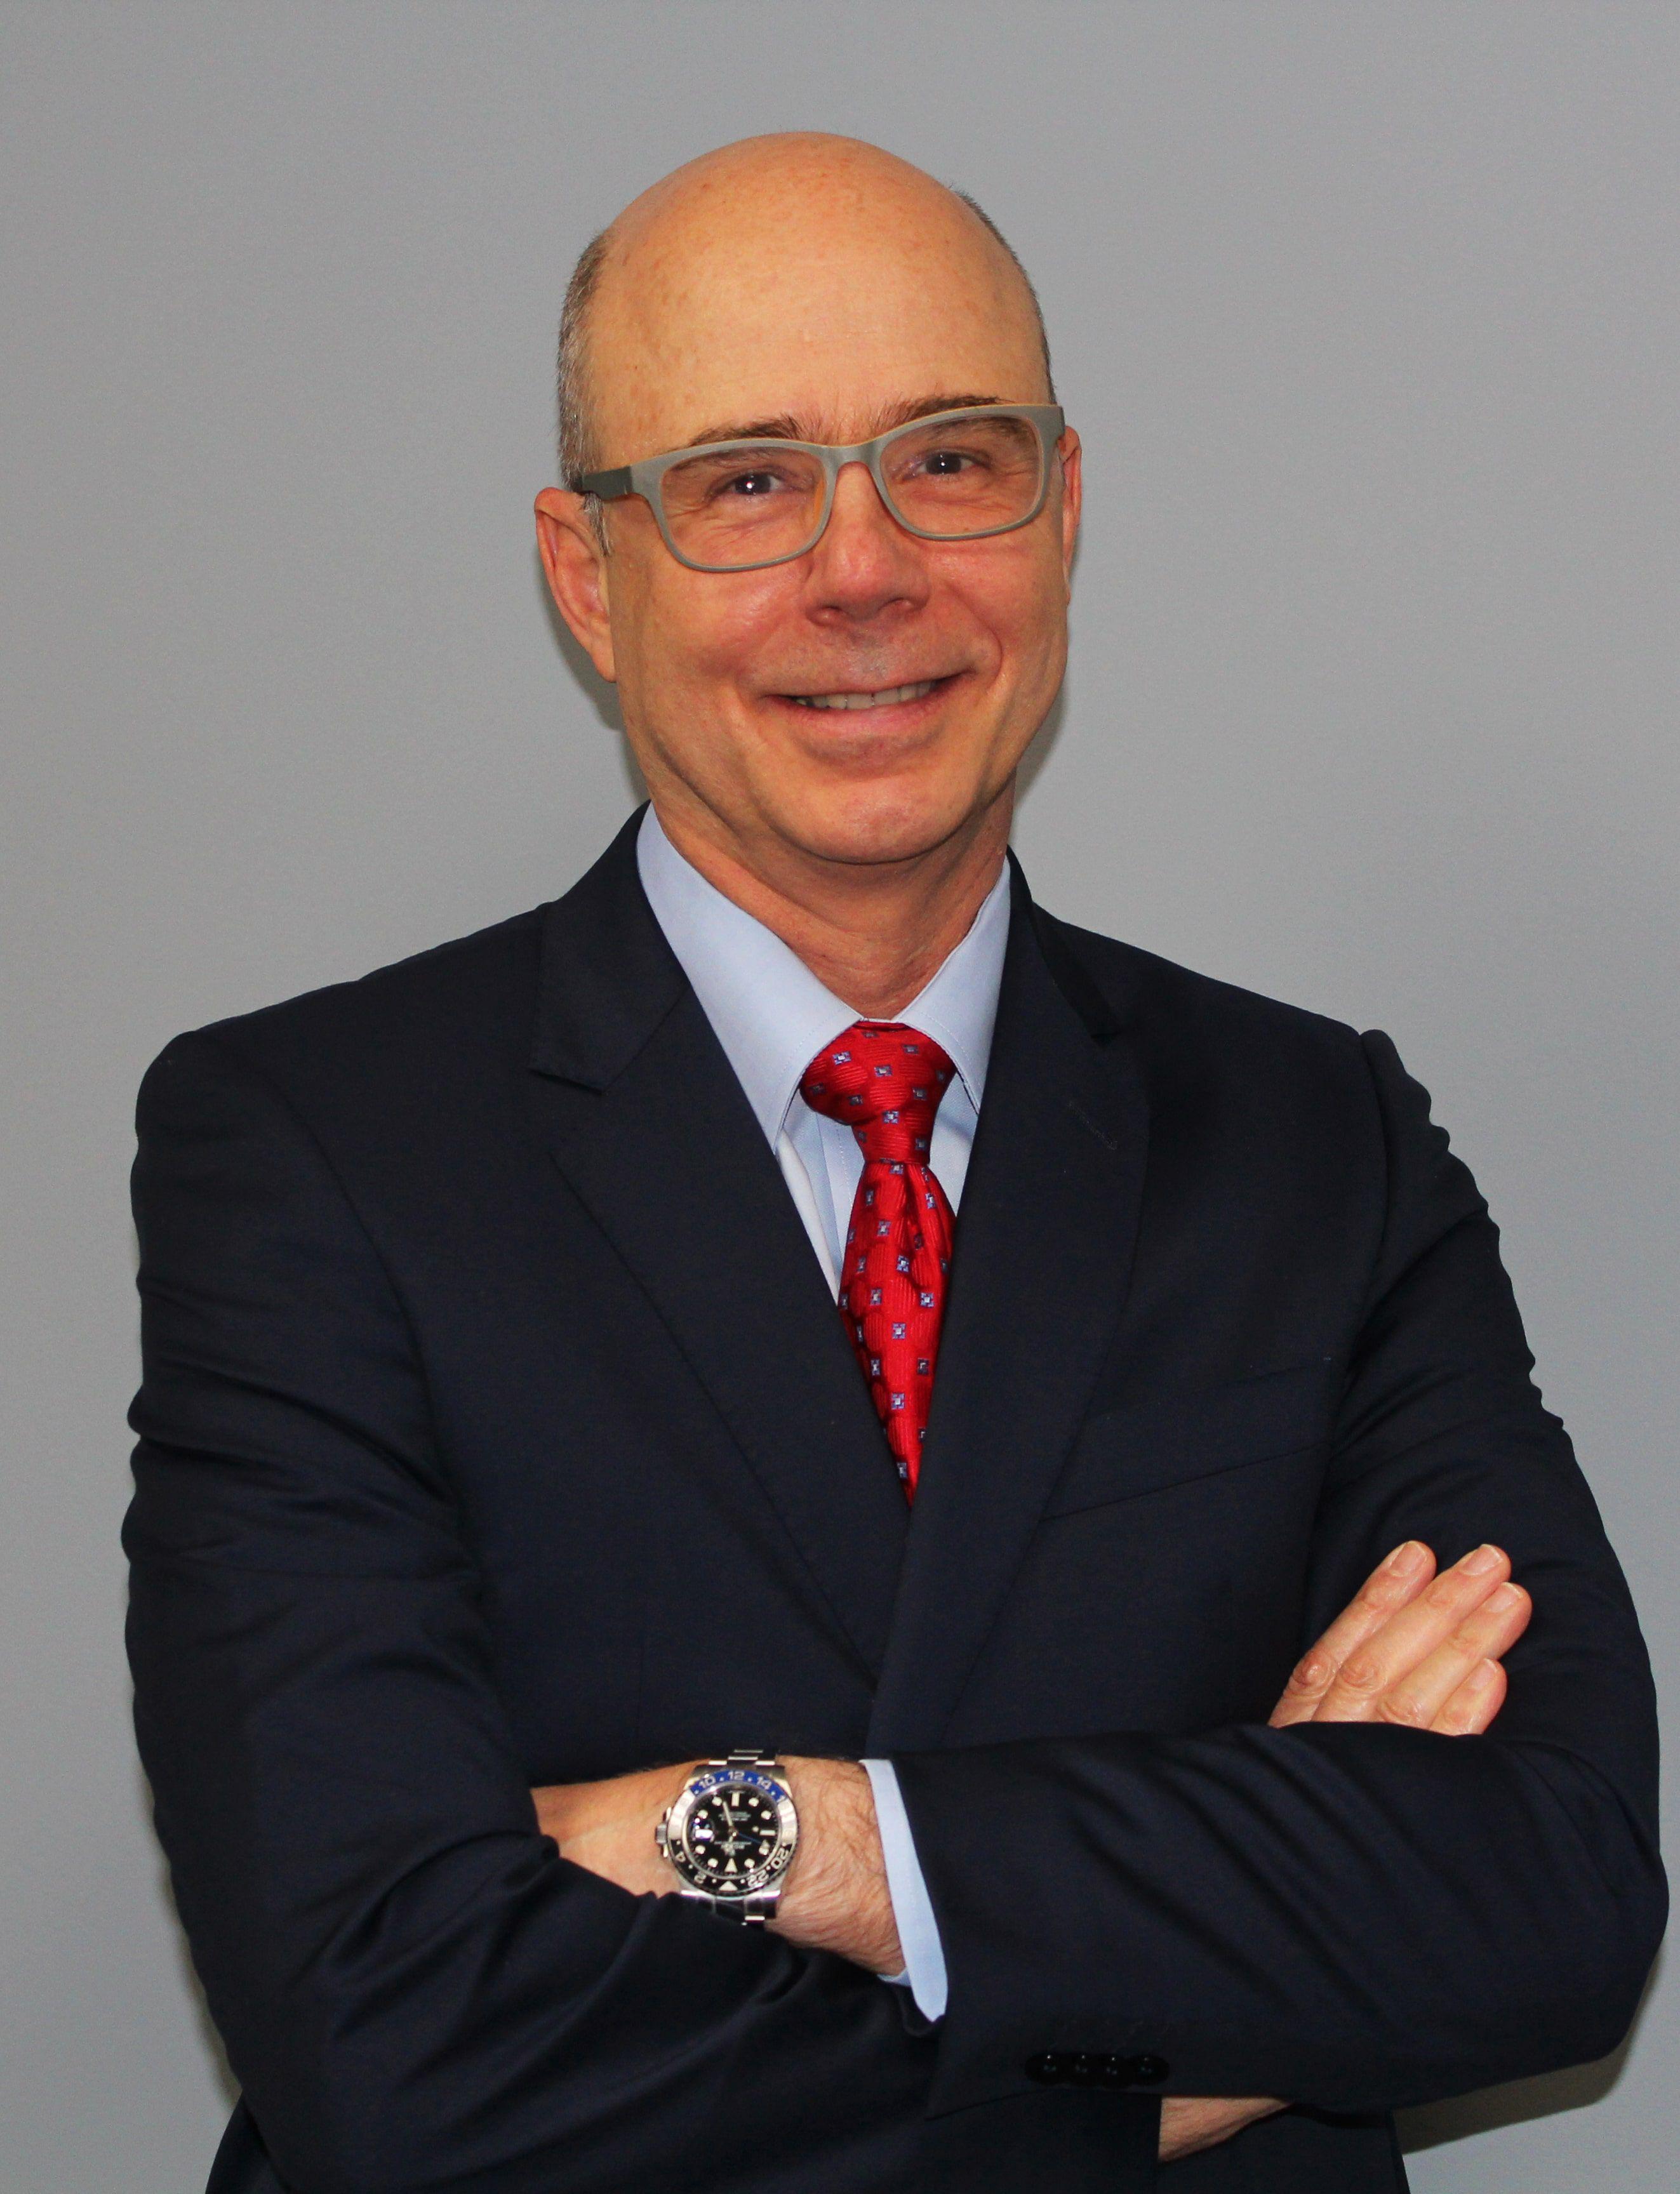 Andrew Coundouriotis